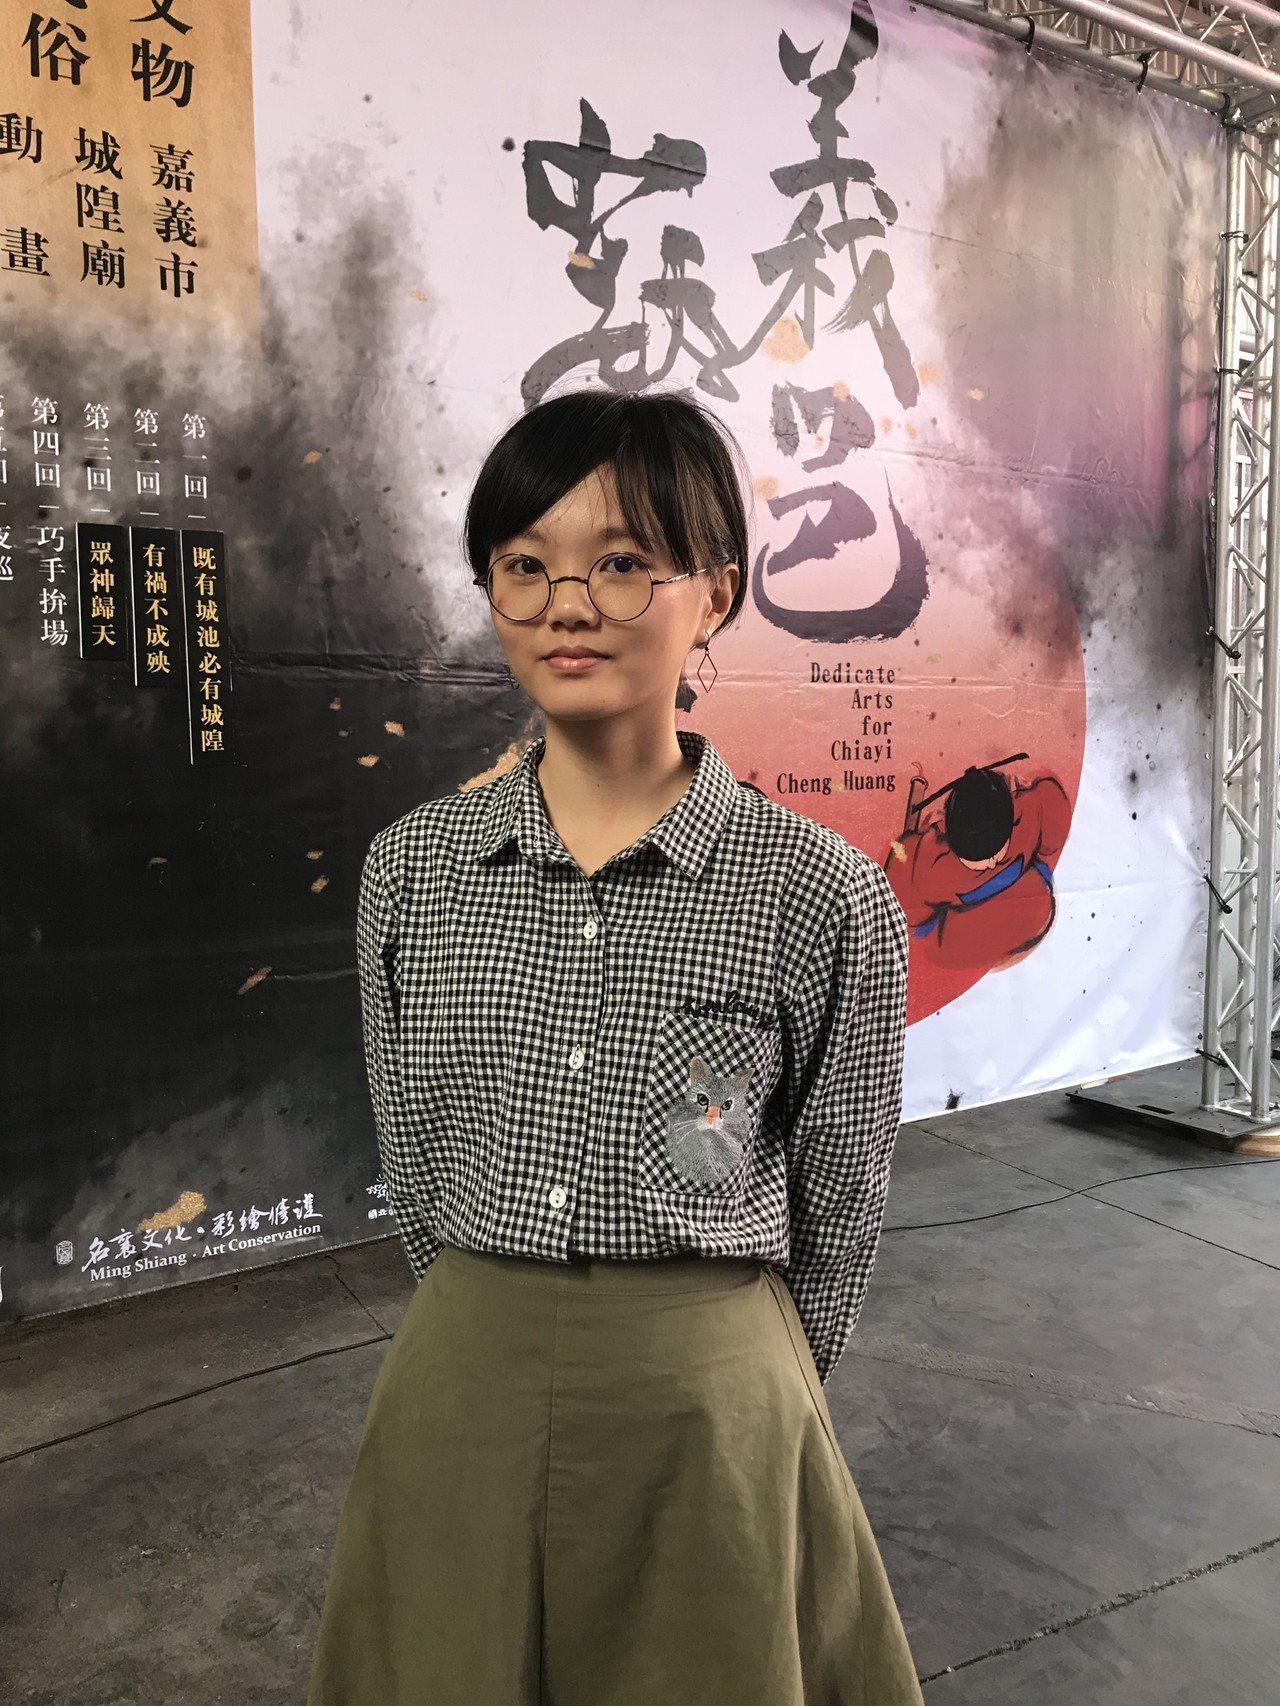 就讀台南藝大畫動所3年級的呂孟儒花一年的時間、畫了近一千張的圖完成《義邑藝意》城...